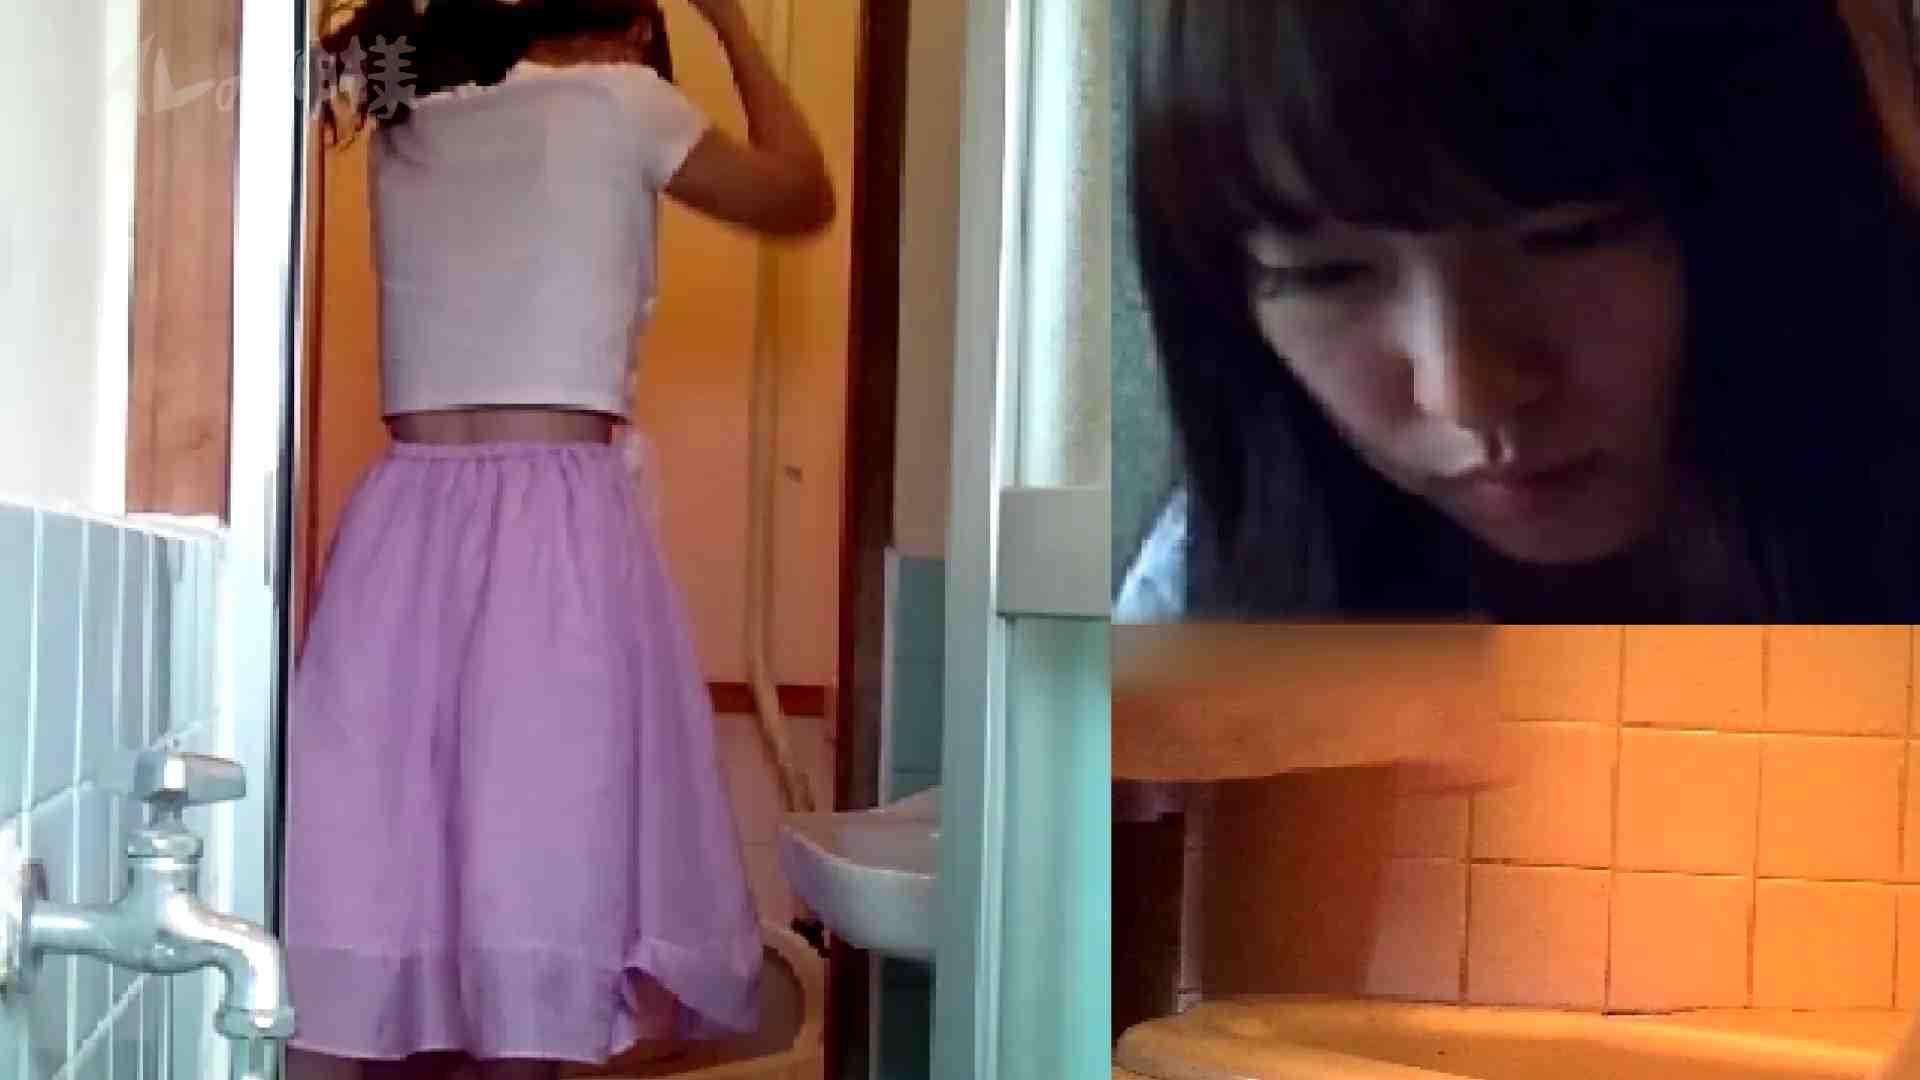 トイレの神様 Vol.09 美女のGEBOきれいに撮っています ギャル攻め | 高評価  67画像 61